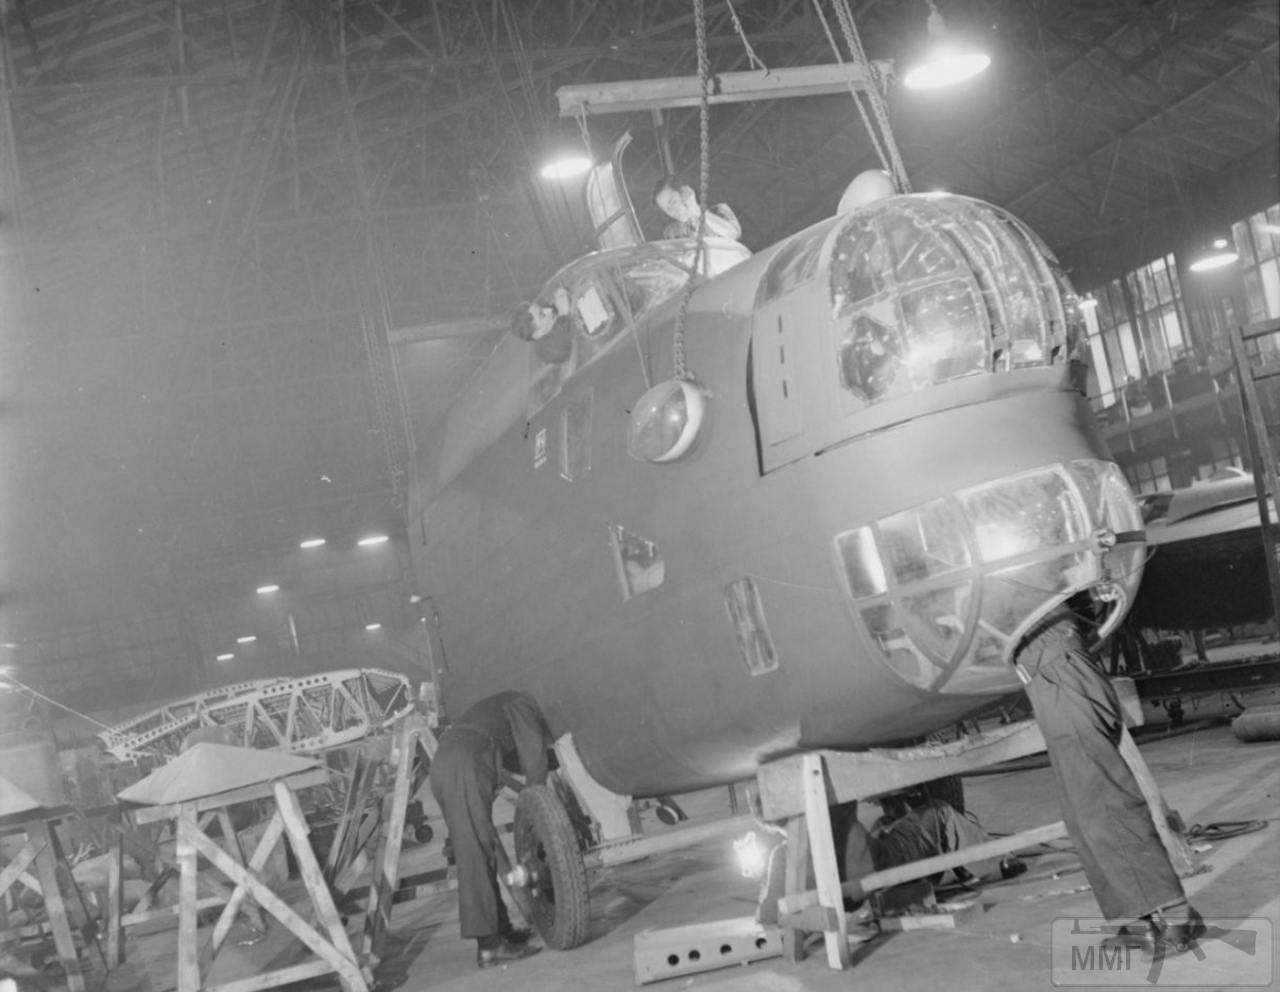 29981 - Стратегические бомбардировки Германии и Японии